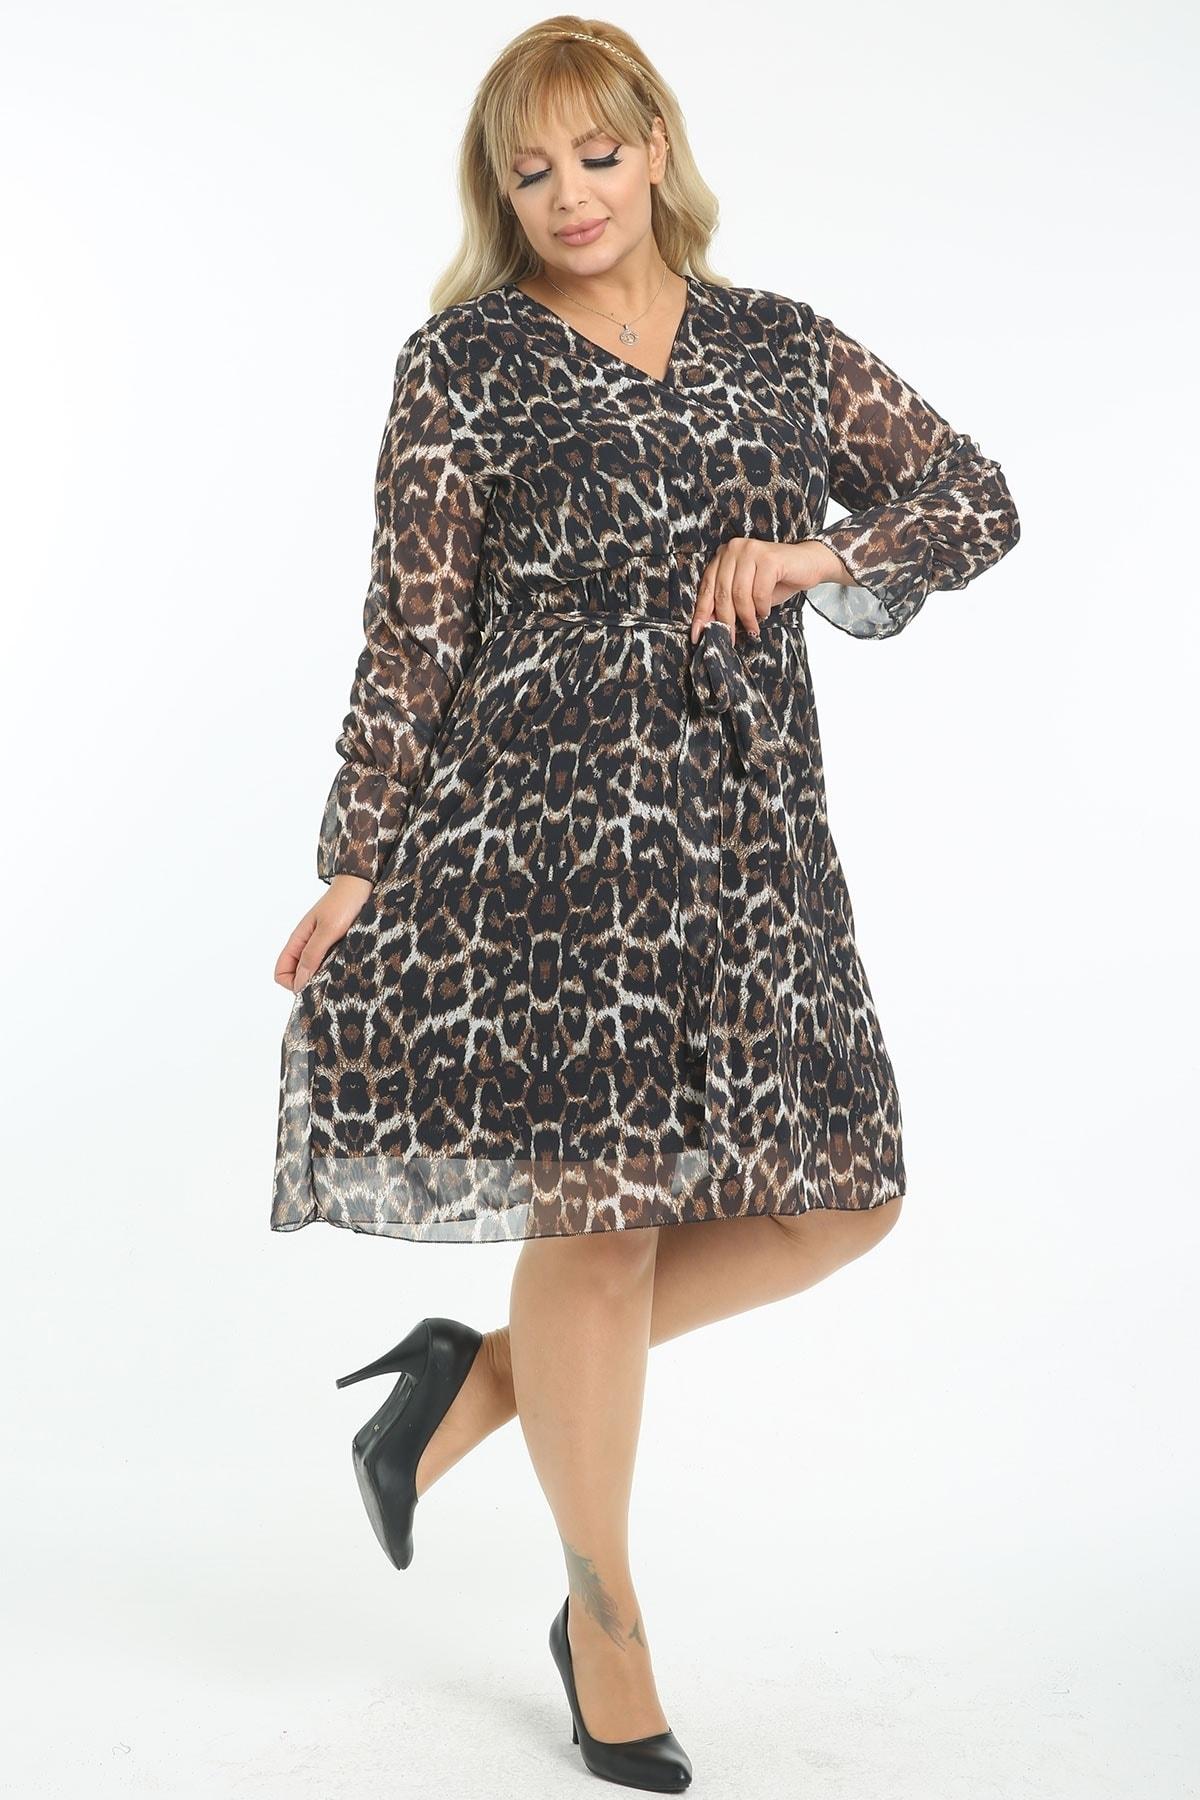 Kadın Büyük Beden Çok Renkli Kruvaze Yaka Astarlı Şifon Elbise